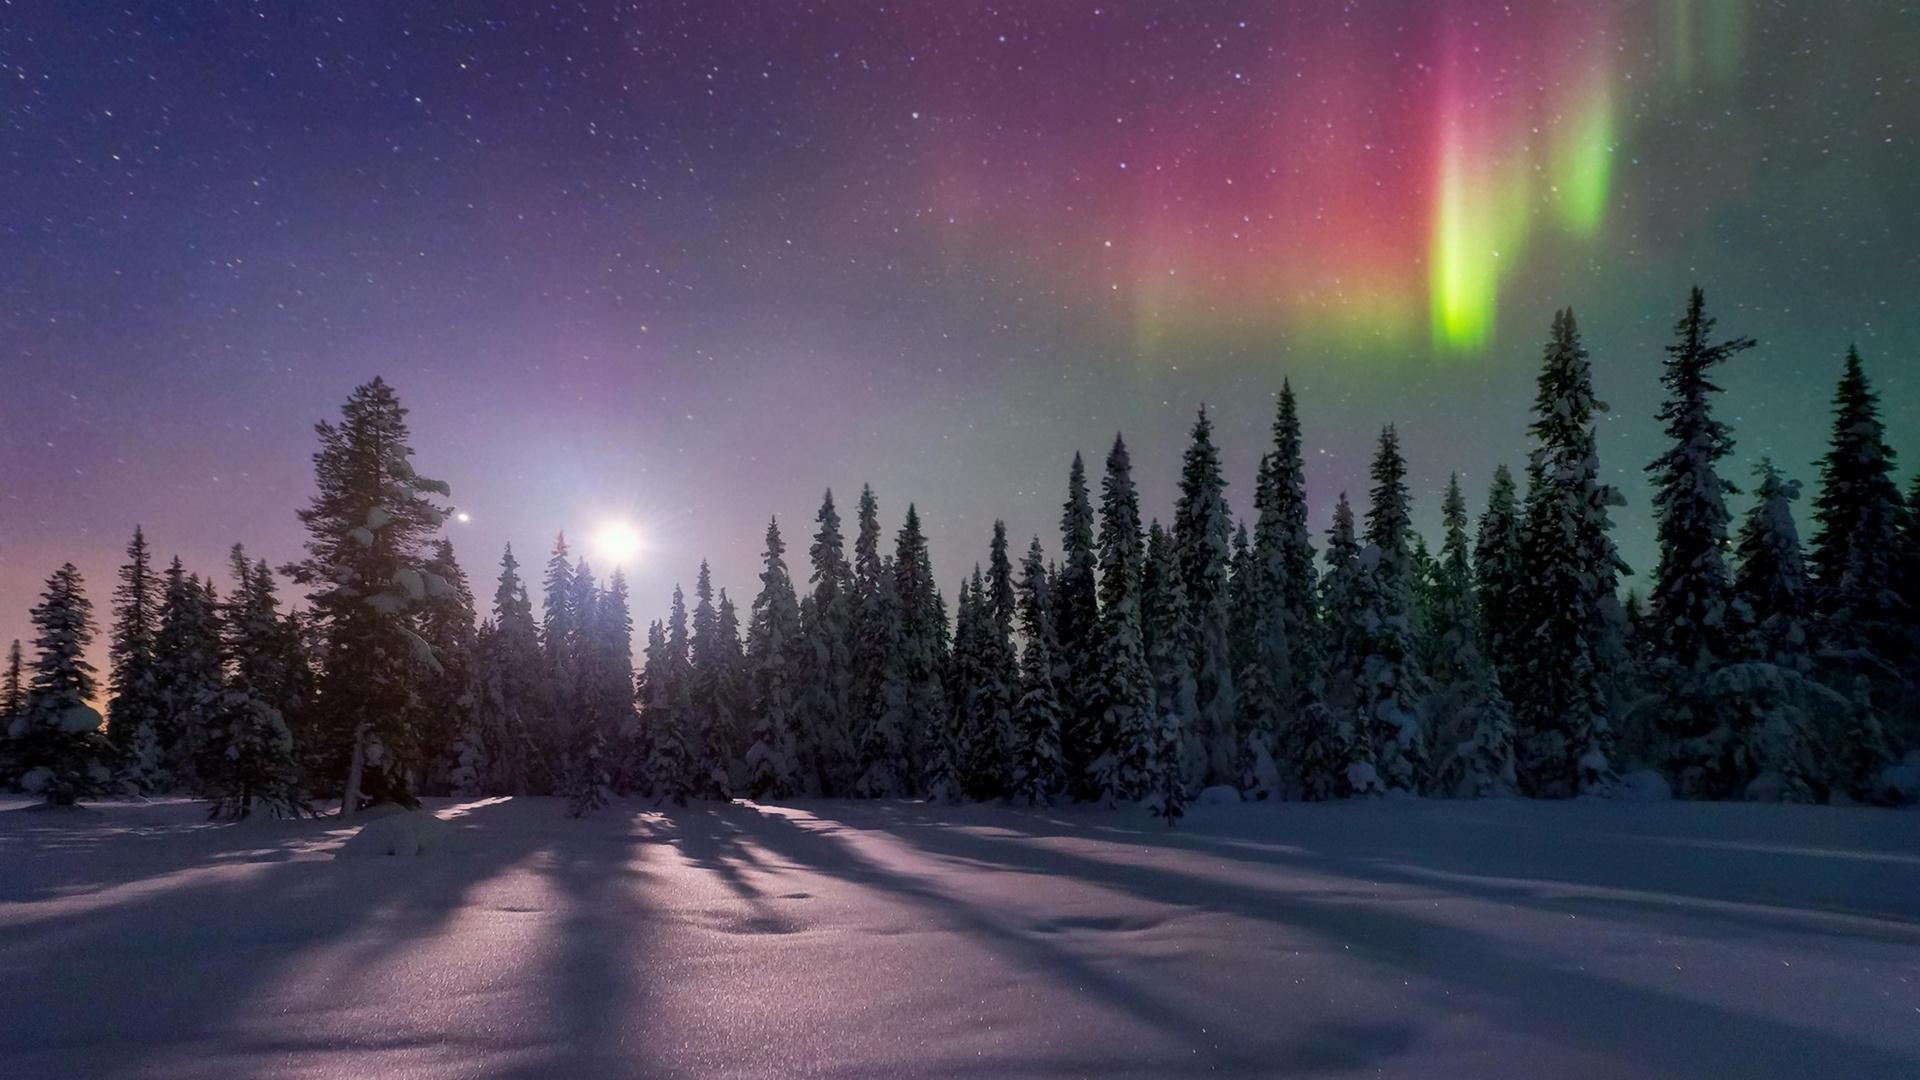 картинки северного сияния зимой липовый чай